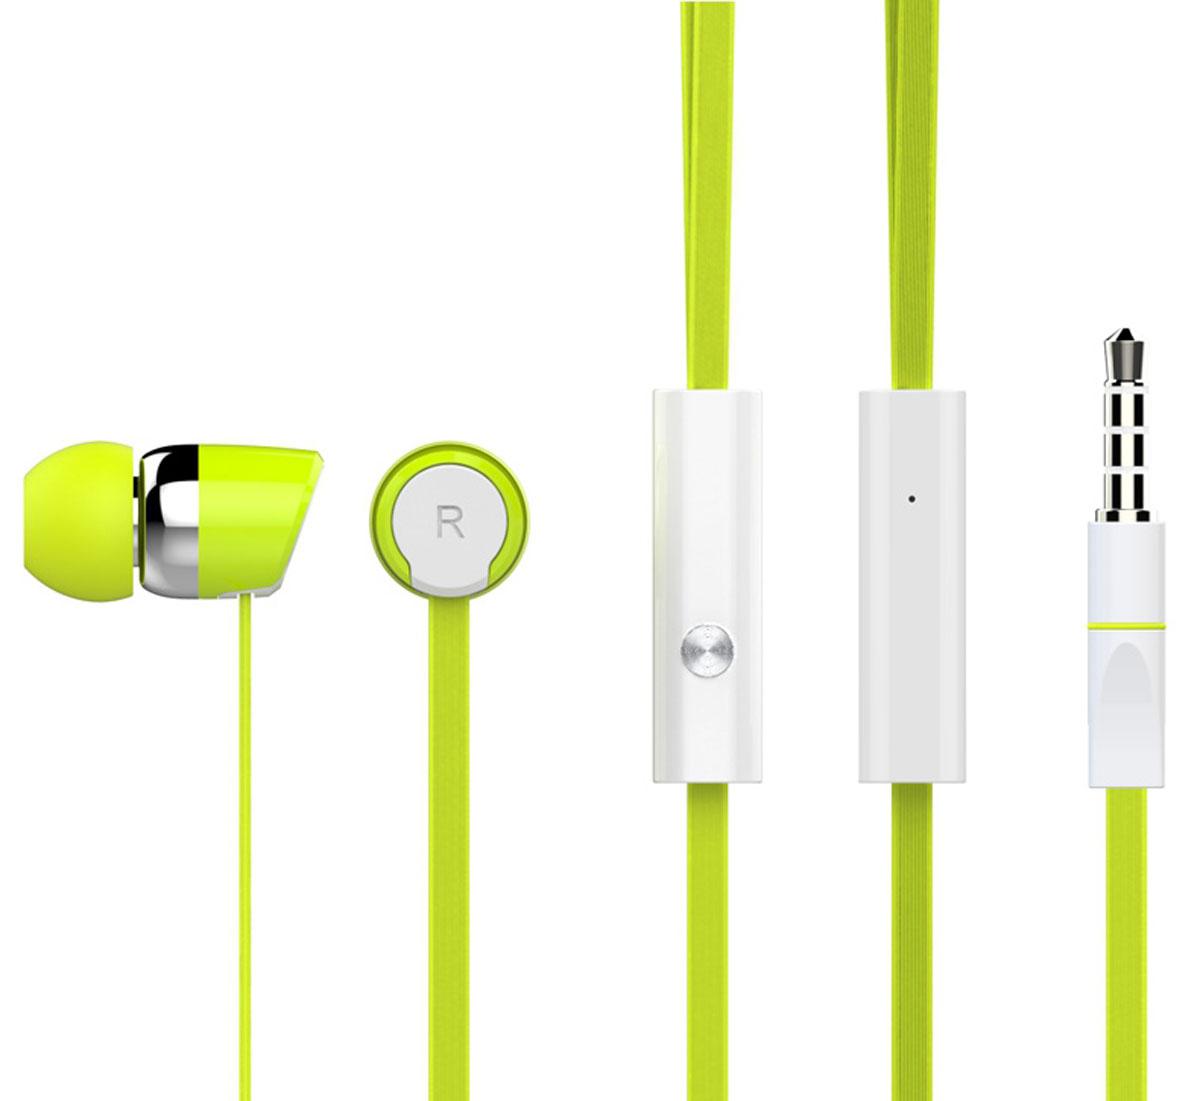 Harper Kids HV-104, Green наушникиH00000767Яркие и стильные наушники Harper Kids HV-104 с люминесцентным покрытием (светятся в темноте). Гарнитура имеет встроенный пульт и микрофон для быстрого переключения между музыкой и вызовами. Подключив её к своему смартфону или планшету вы сможете не только наслаждаться любимой музыкой, но и с легкостью ответить на звонок, не доставая гаджет. Гарнитура имеет плоский, эластичный и устойчивый к запутыванию кабель длиной 1,2 метра. В комплекте с наушниками идут мягкие силиконовые накладки 3-х размеров для максимального комфорта.